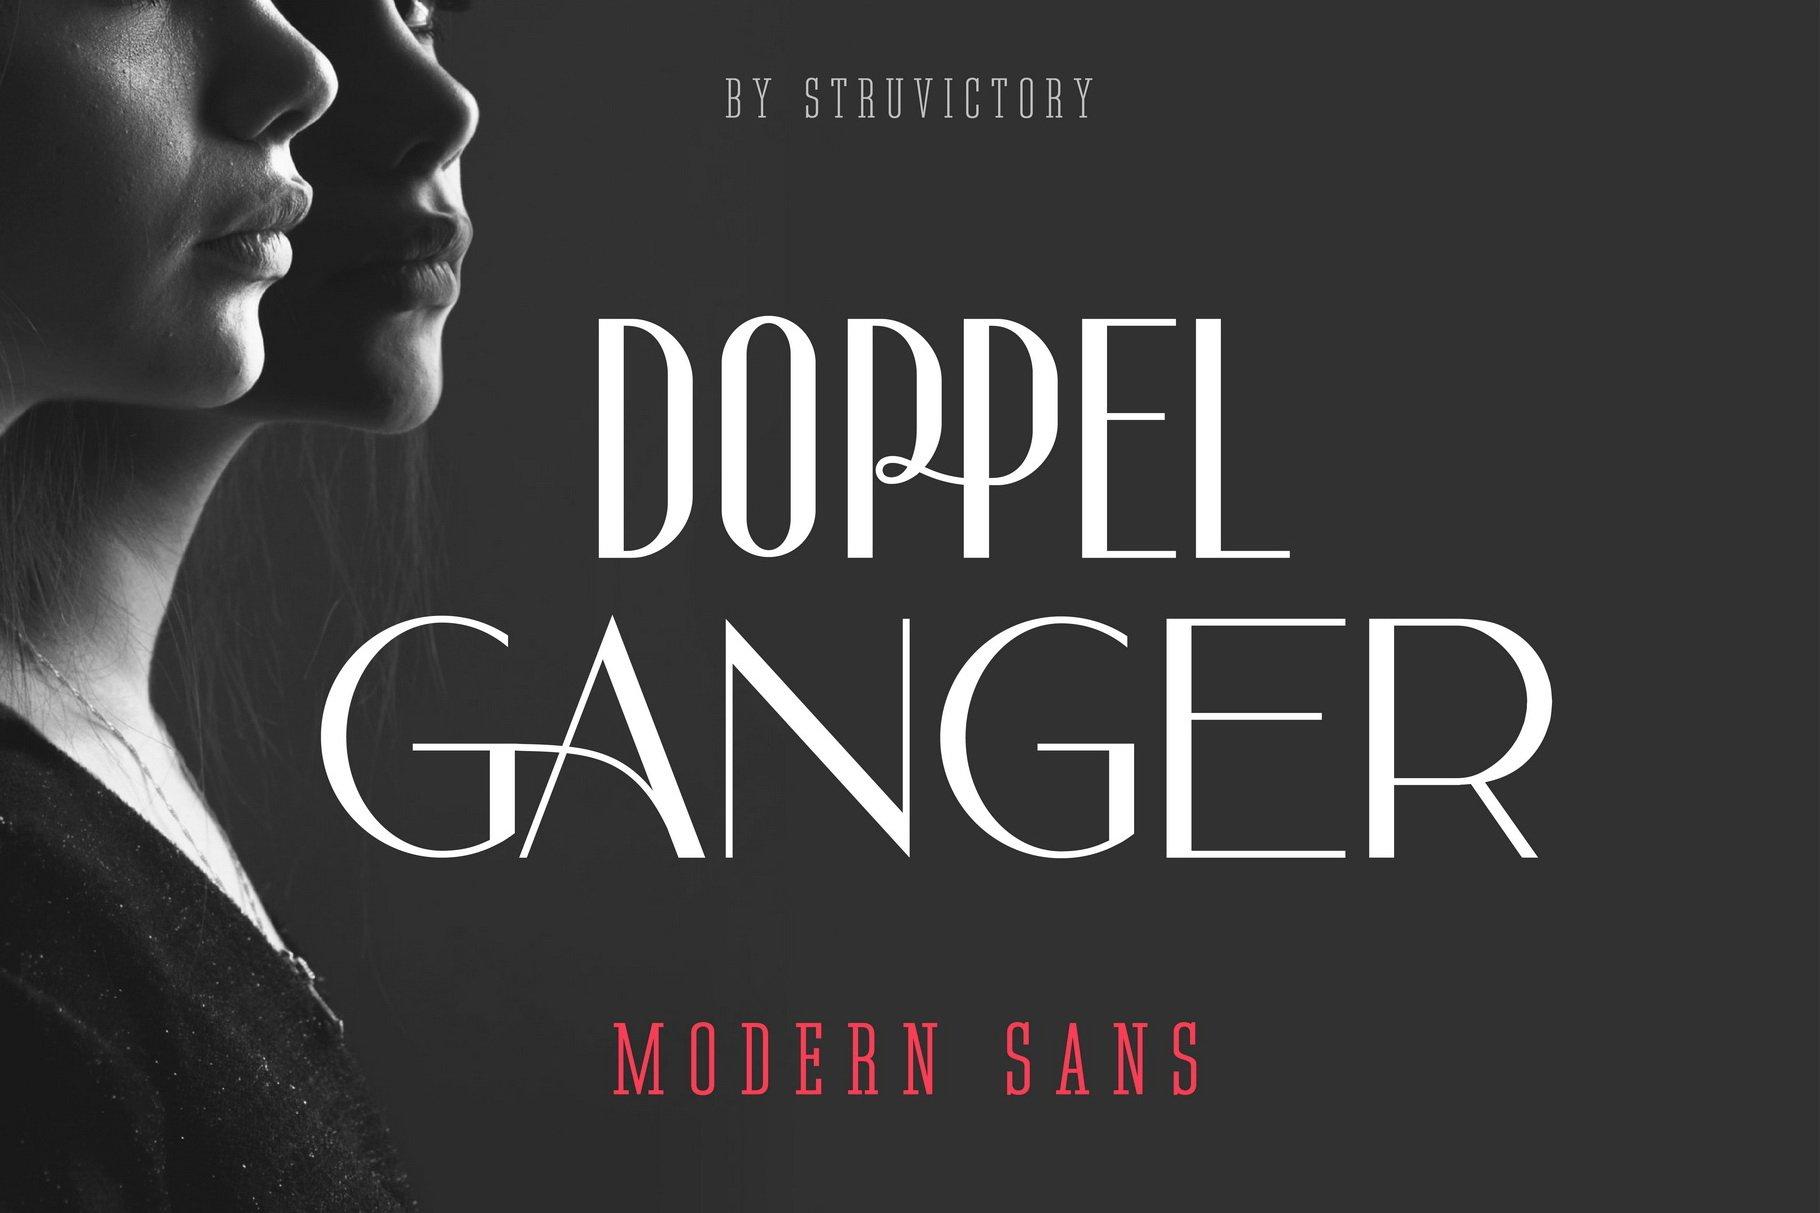 Doppelganger - Modern Sans Serif example image 1